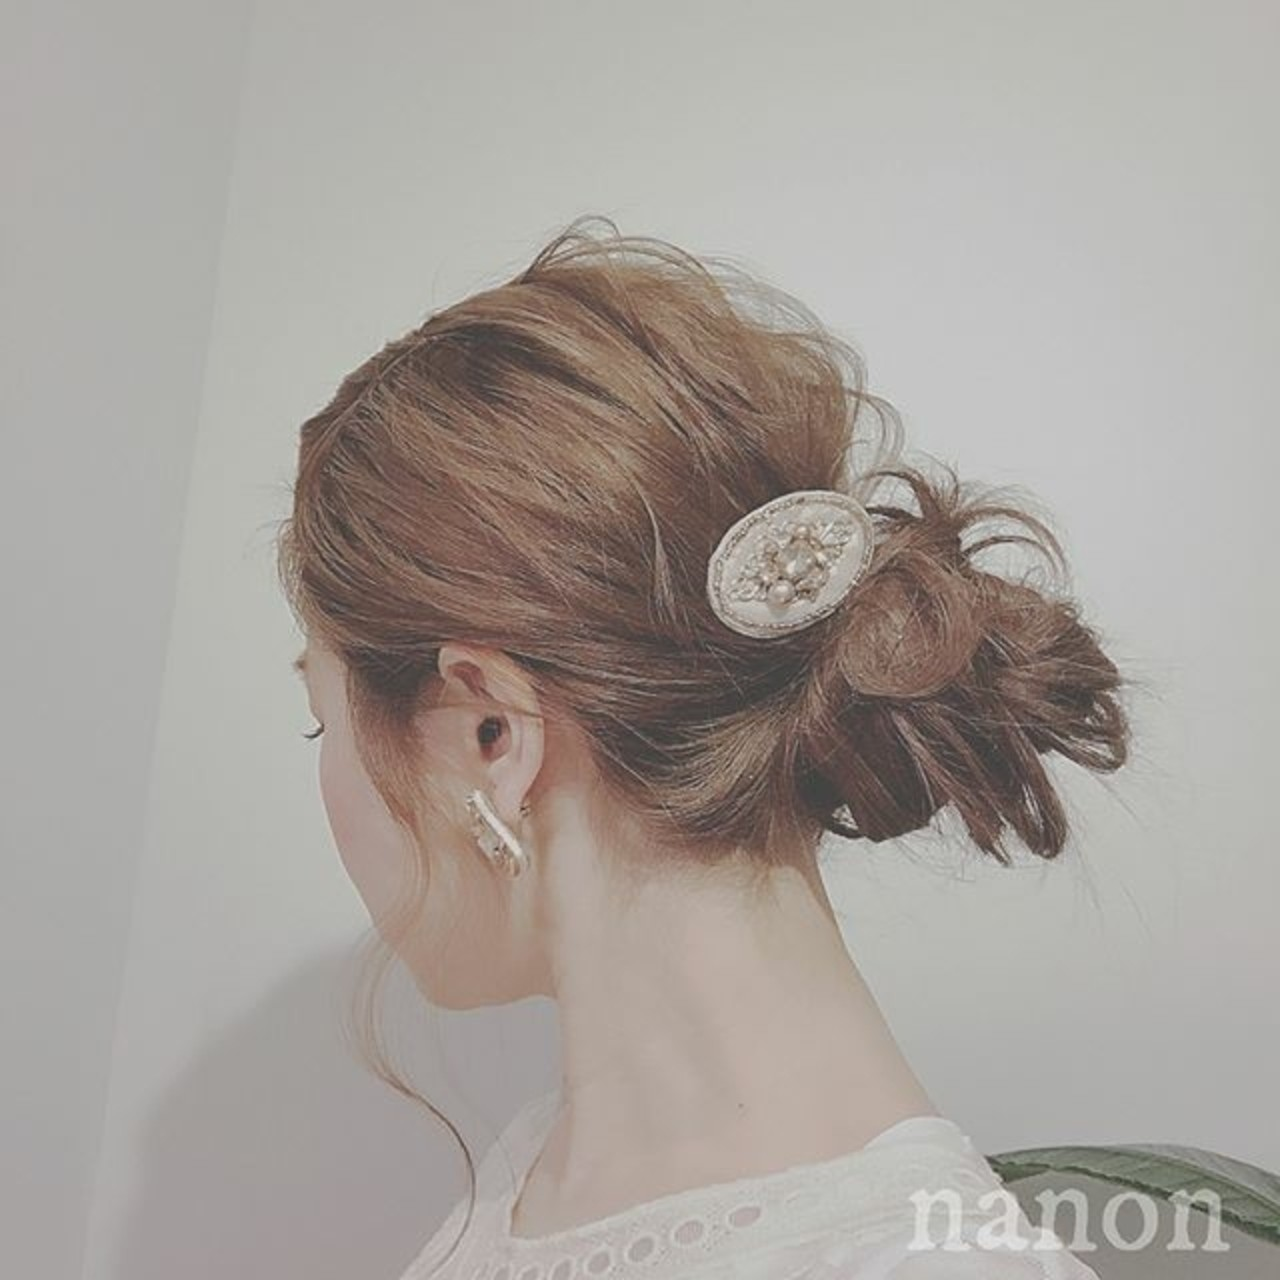 デート フェミニン ロング ヘアアレンジ ヘアスタイルや髪型の写真・画像